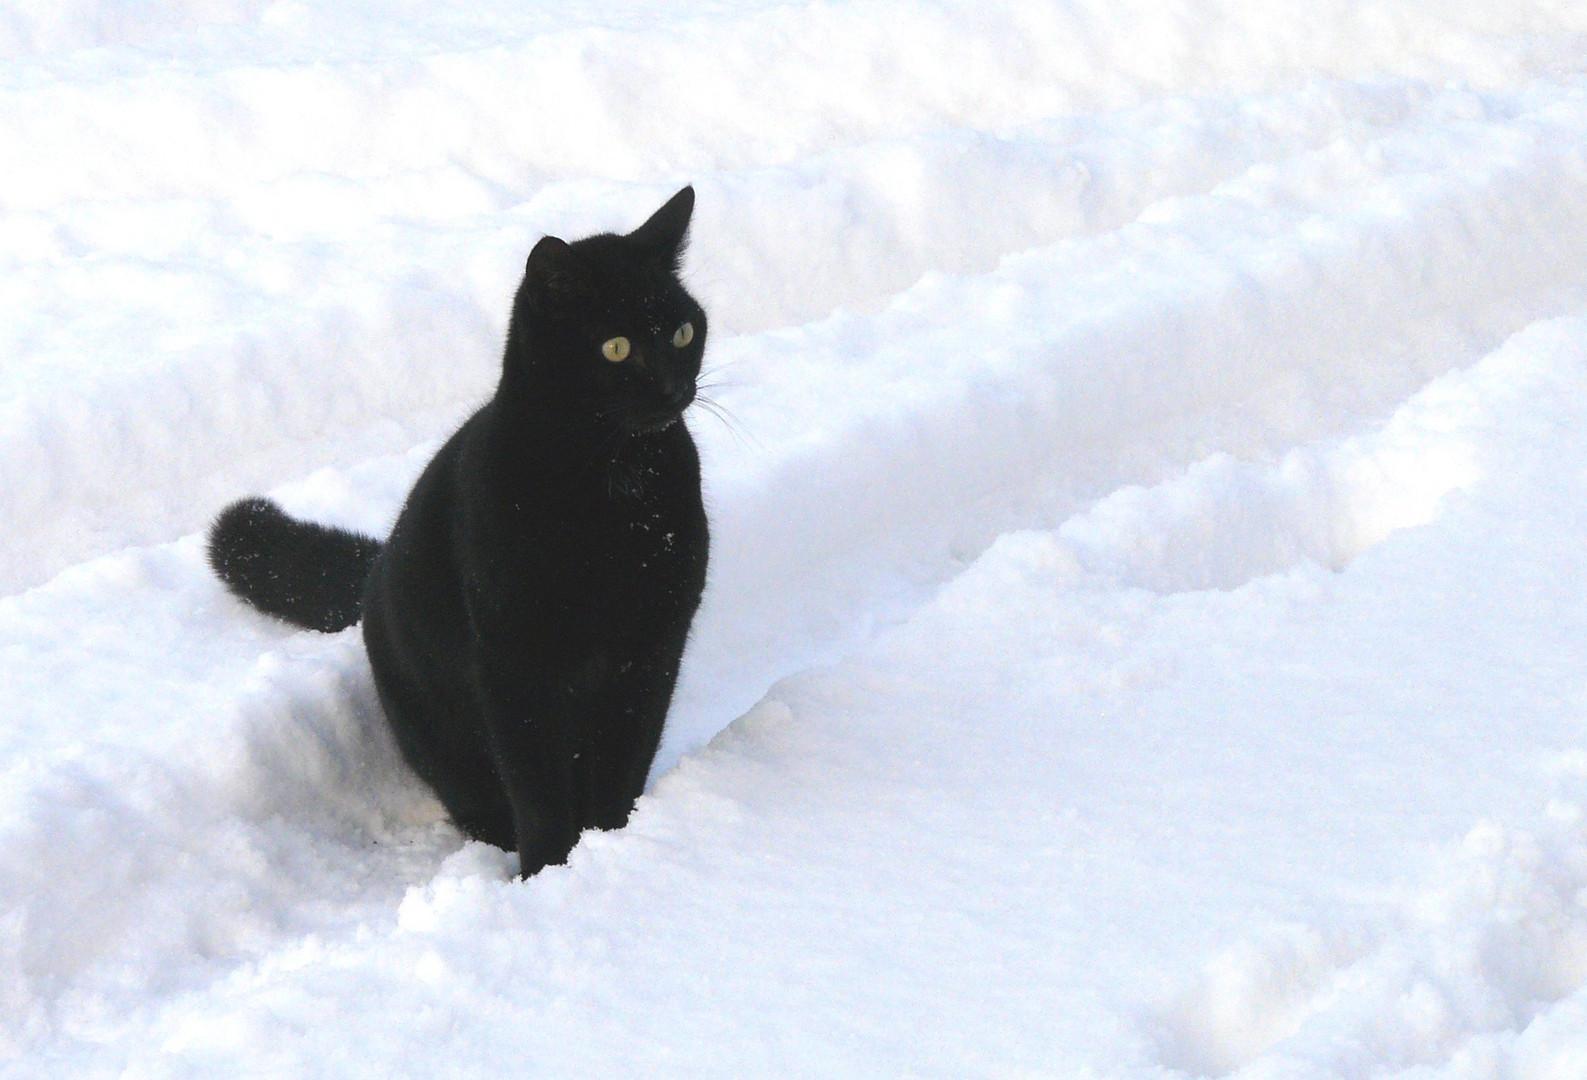 Unsere Katze im Schnee.